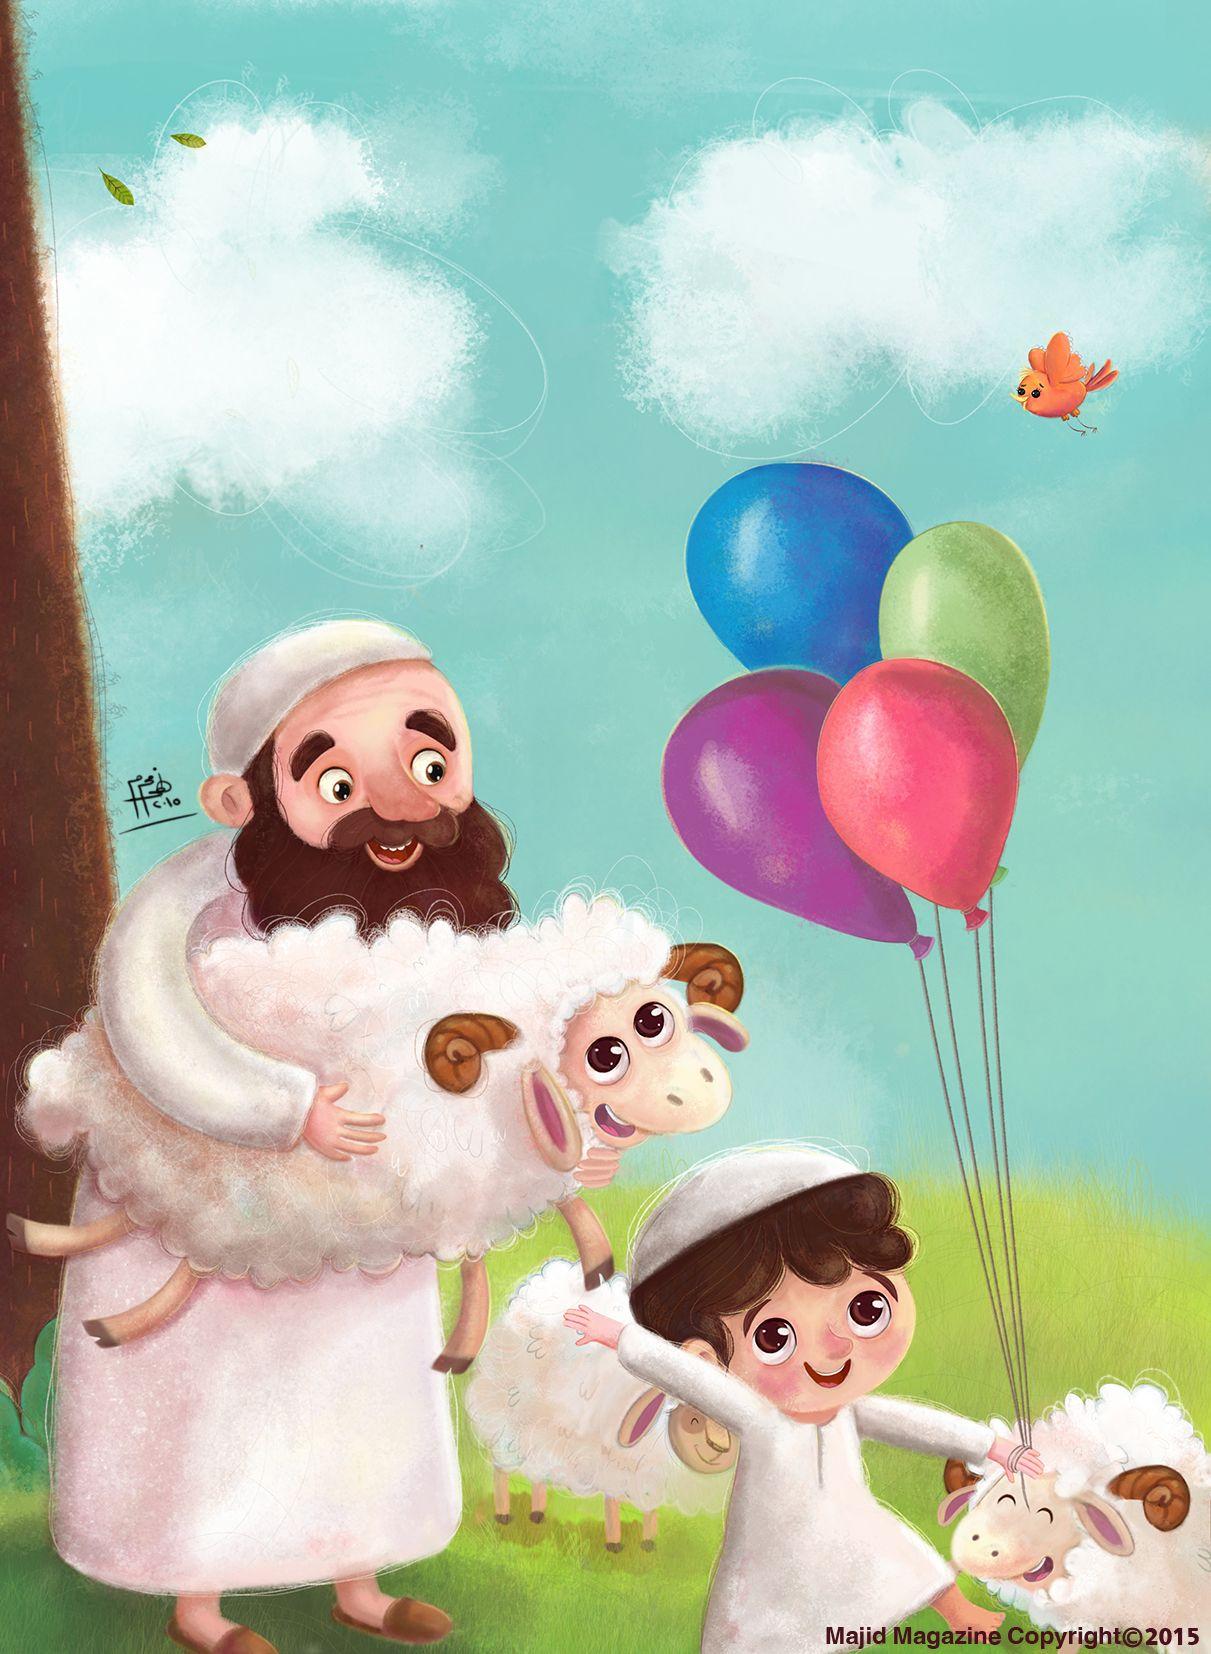 عيد الأضحى Eid Images Eid Stickers Eid Wallpaper